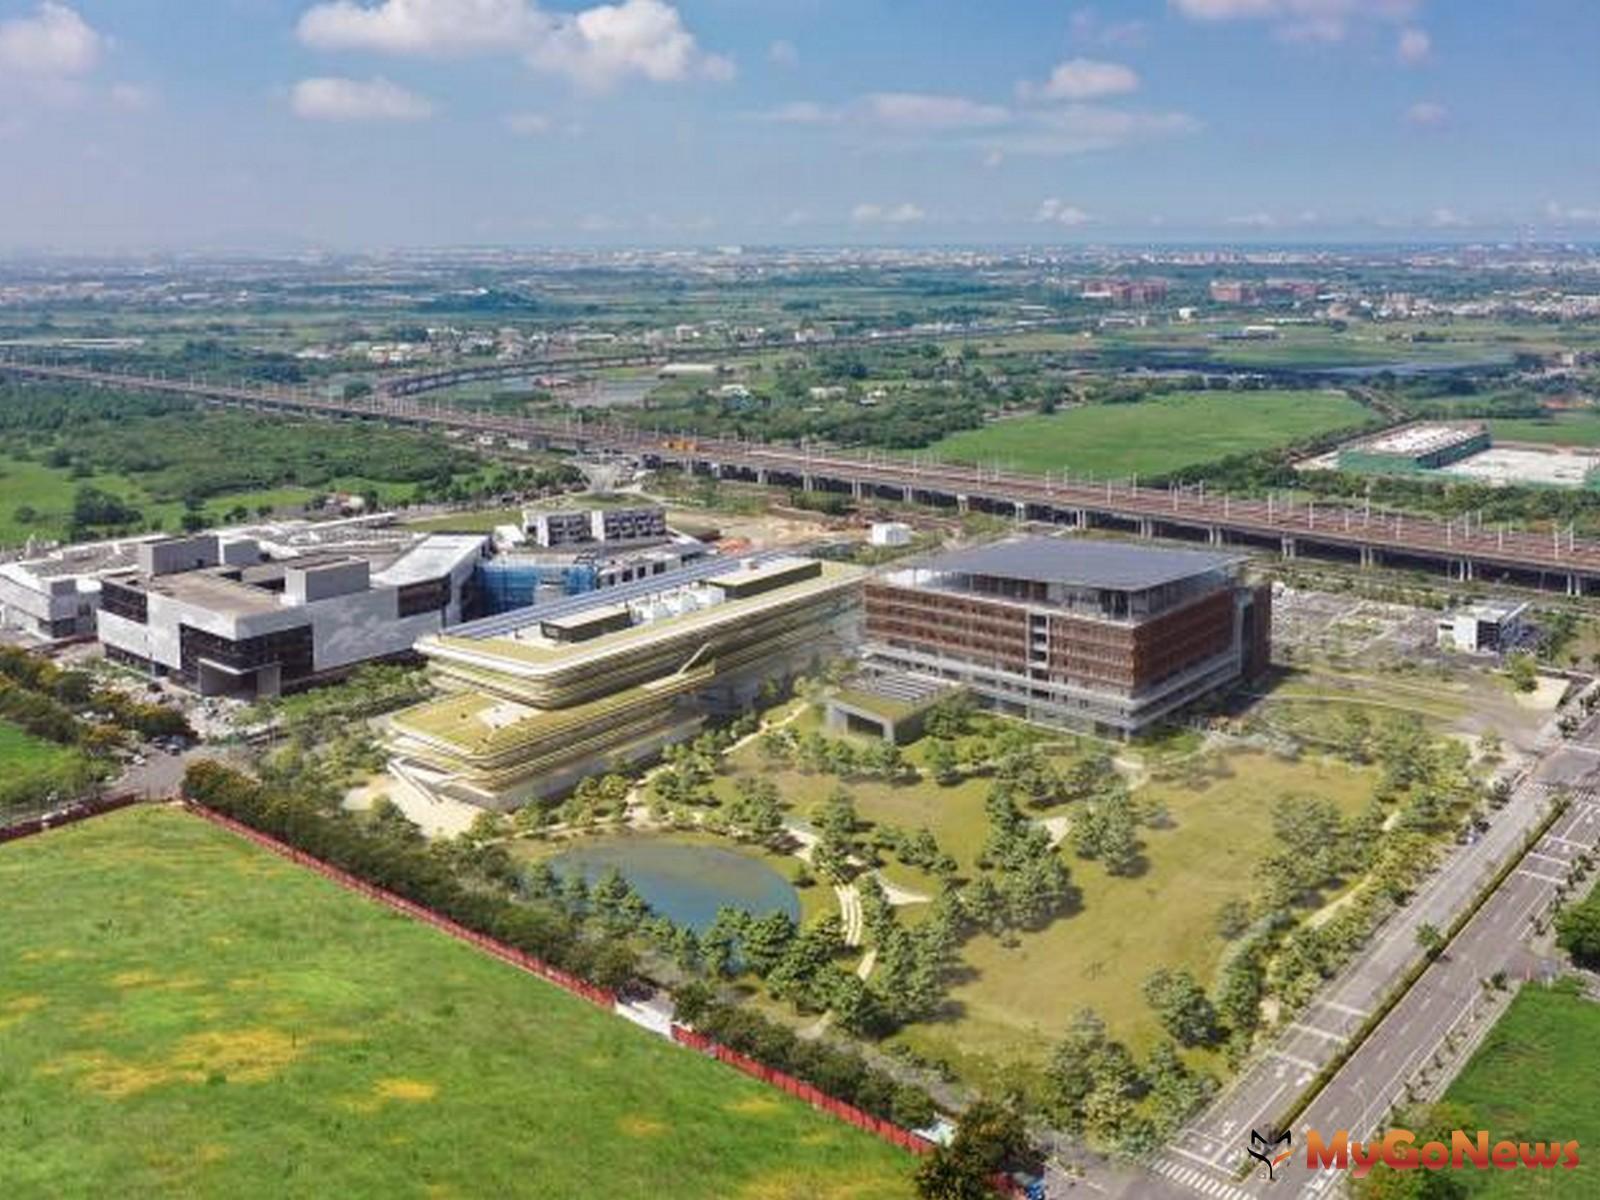 台南沙崙智慧綠能科學城整體開發 已展現階段成果(資料照片) MyGoNews房地產新聞 區域情報